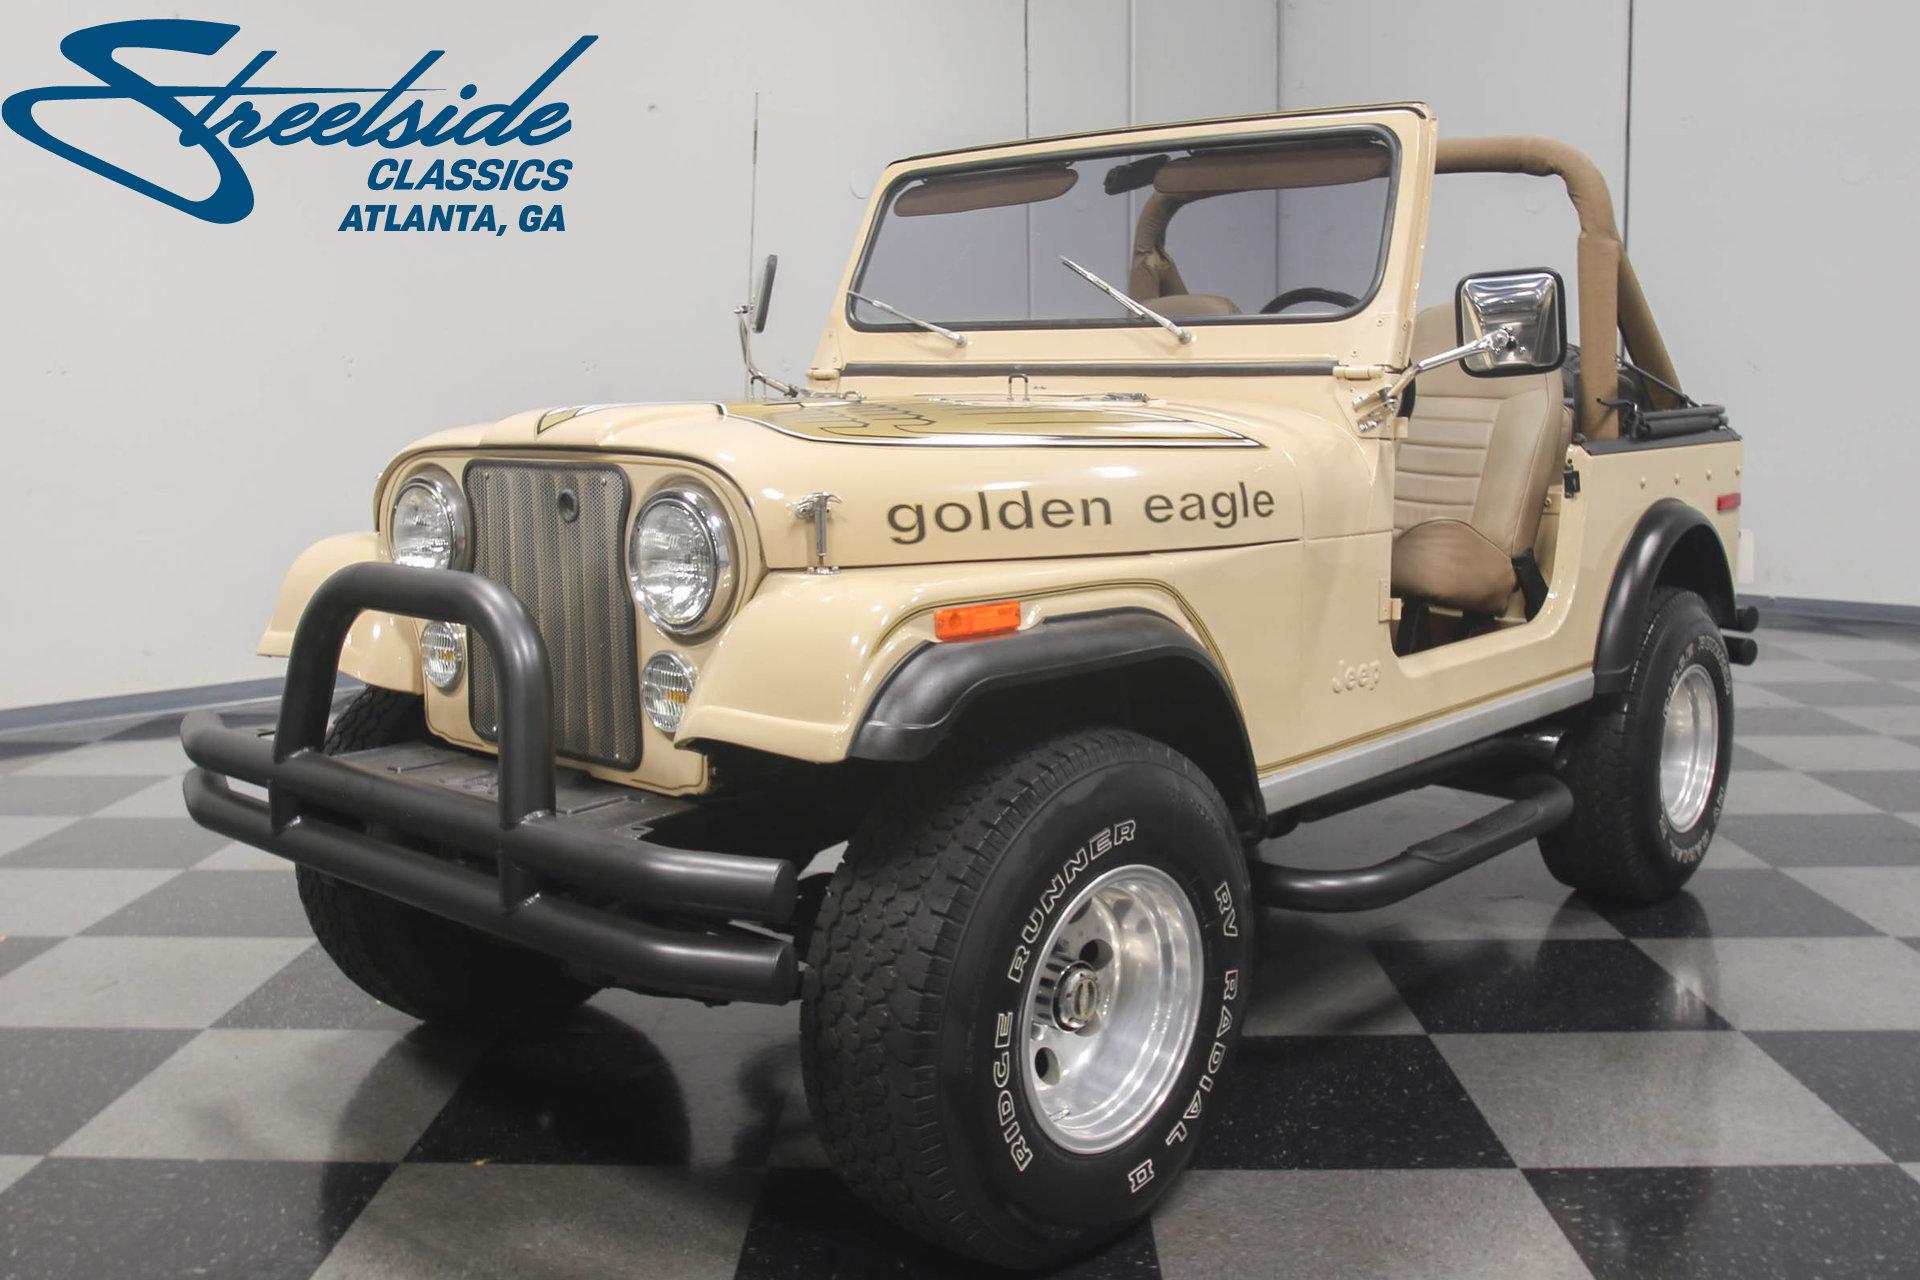 1978 jeep cj7 golden eagle for sale 65095 mcg. Black Bedroom Furniture Sets. Home Design Ideas